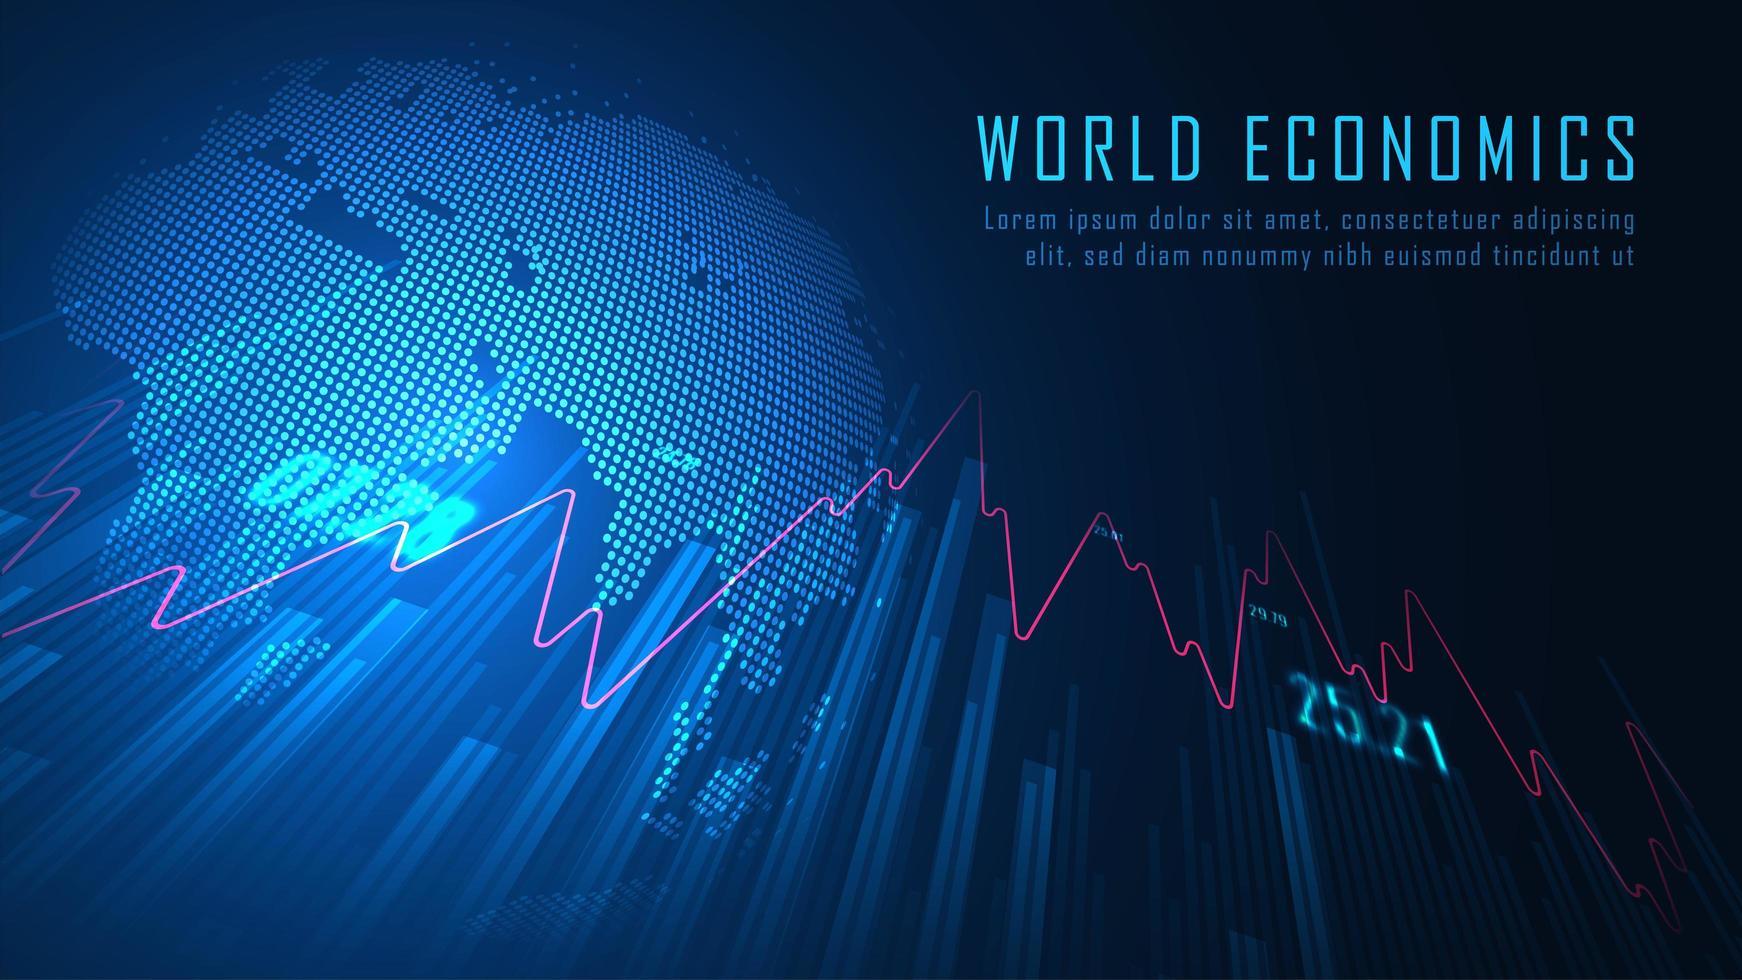 conception d'économie mondiale bleu brillant vecteur